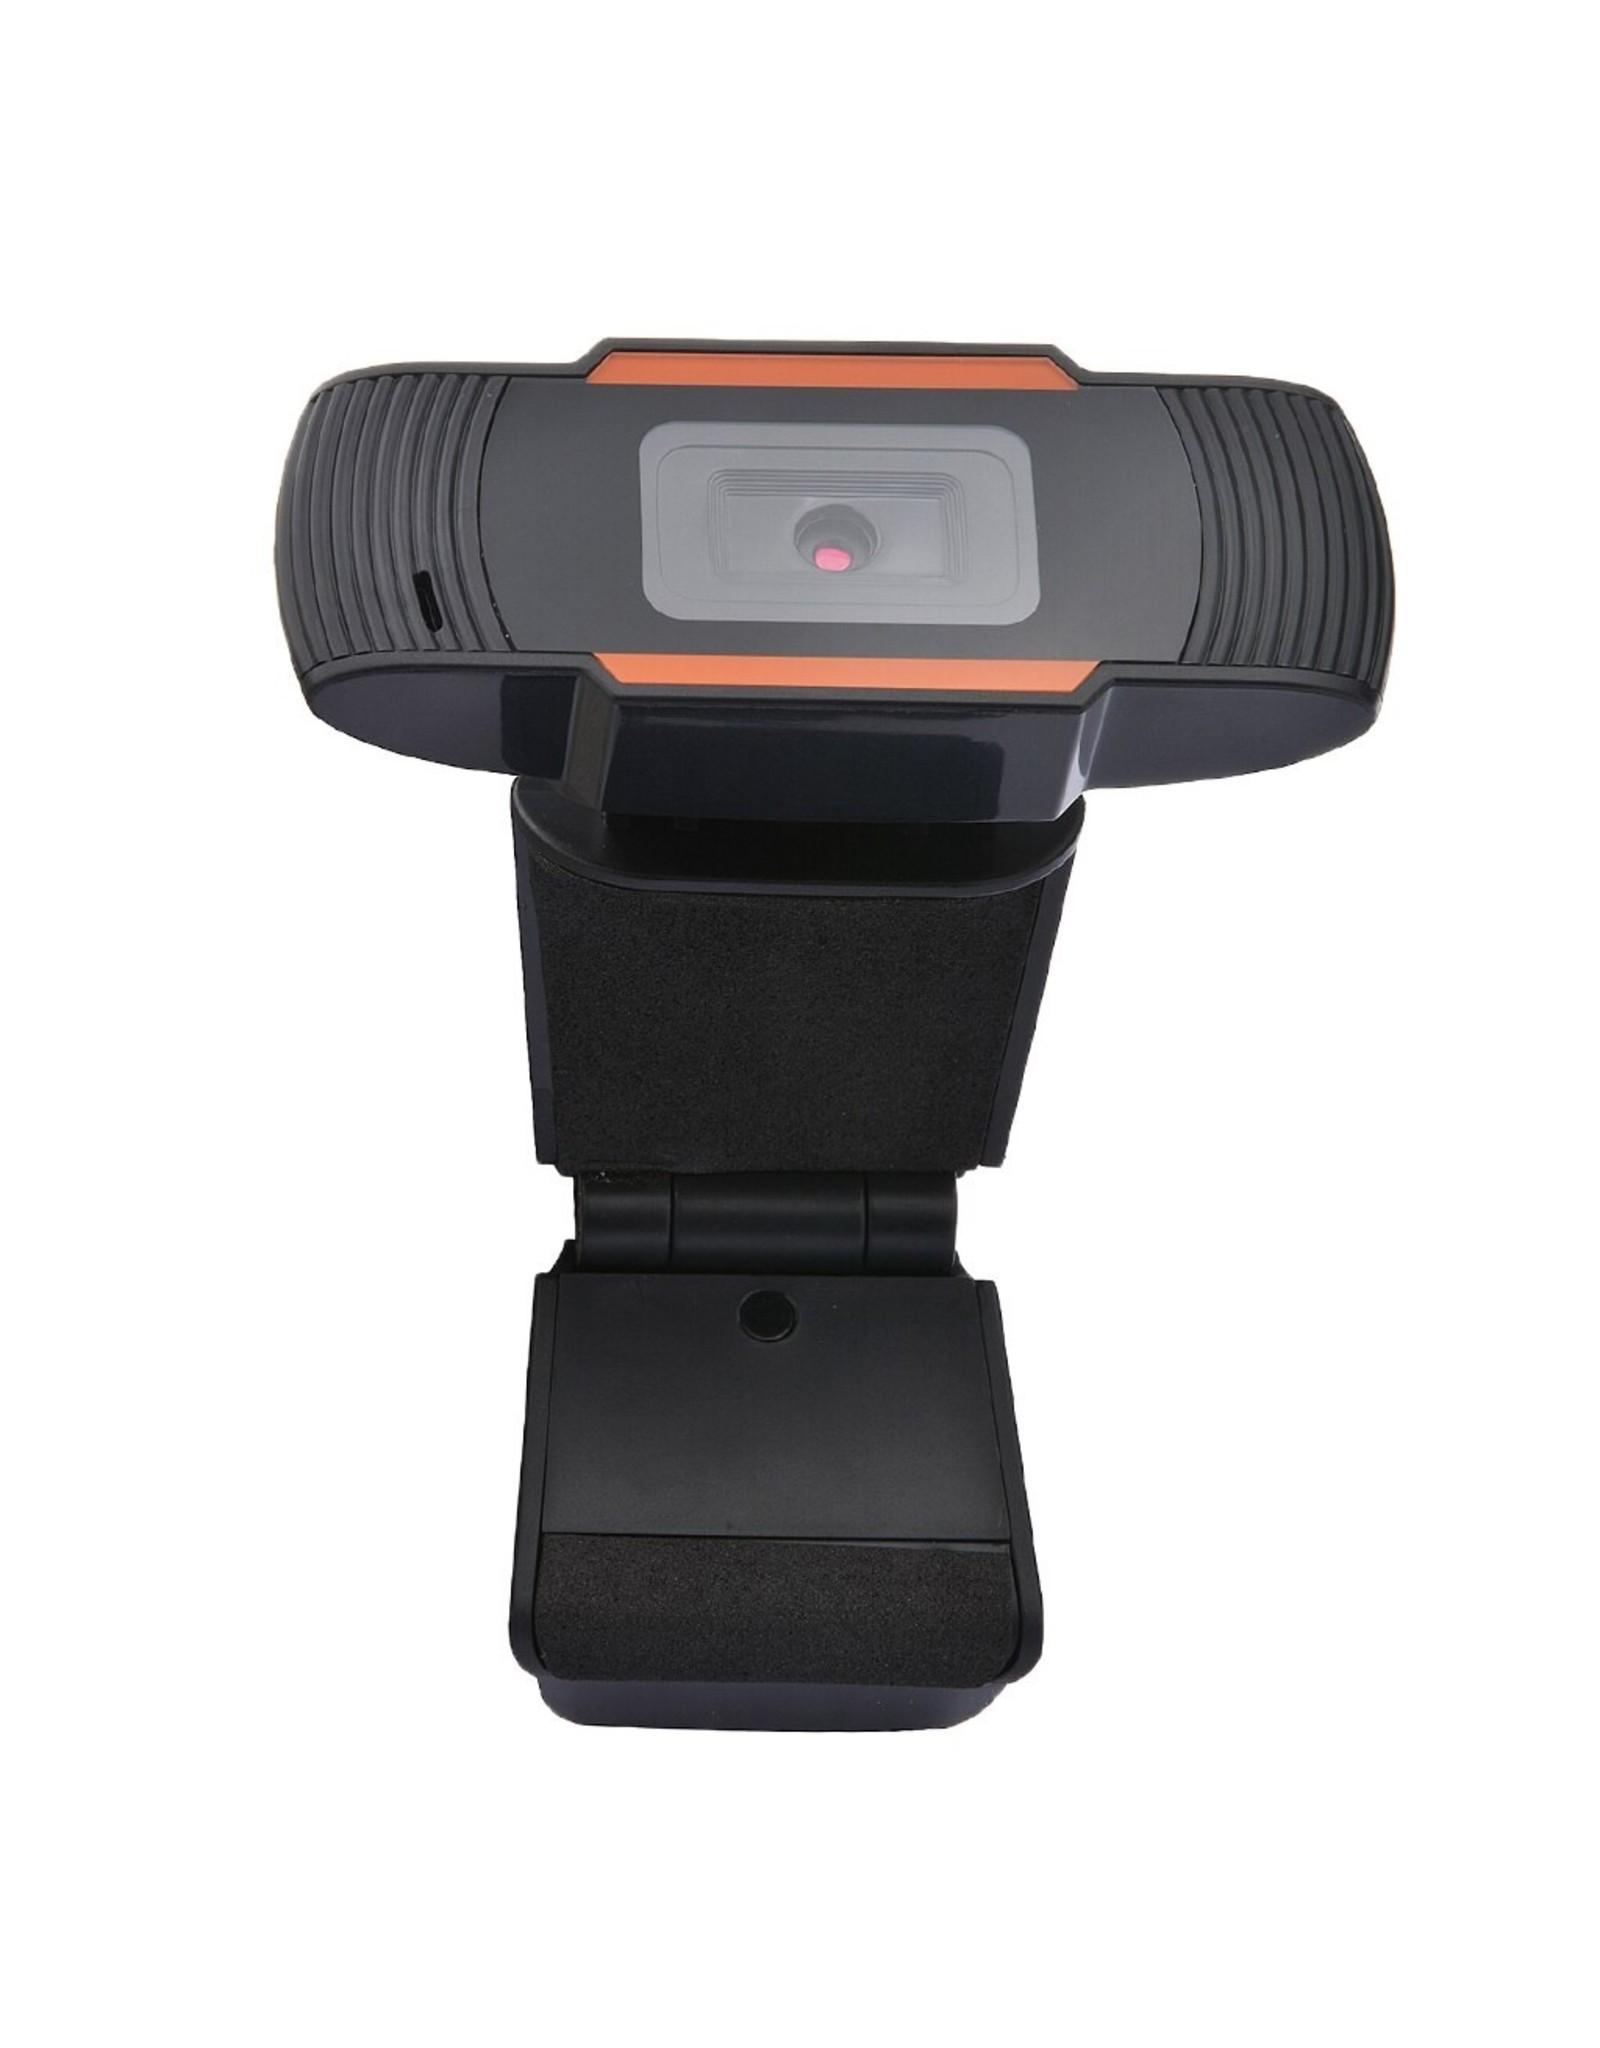 2020 Draaibare HD Webcam PC Mini USB 2.0 Webcamera Video-opname High definitie met 1080P ware kleurenbeelden